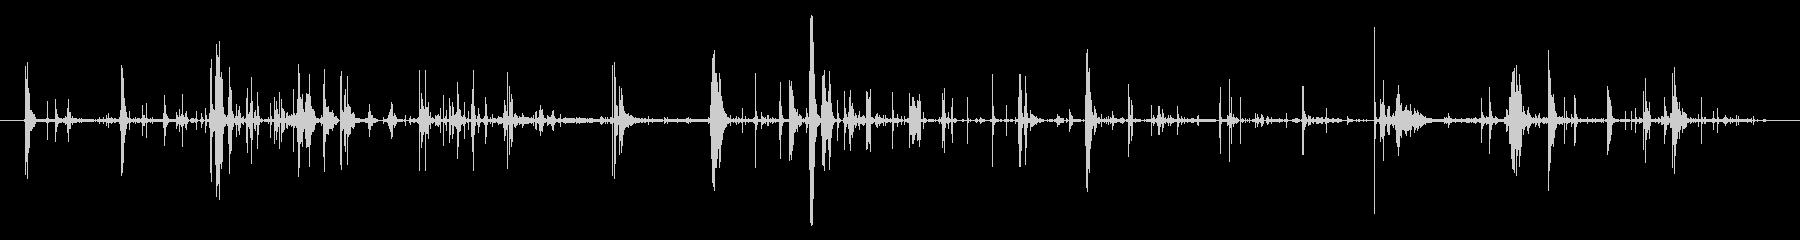 モンスター 肉食12の未再生の波形